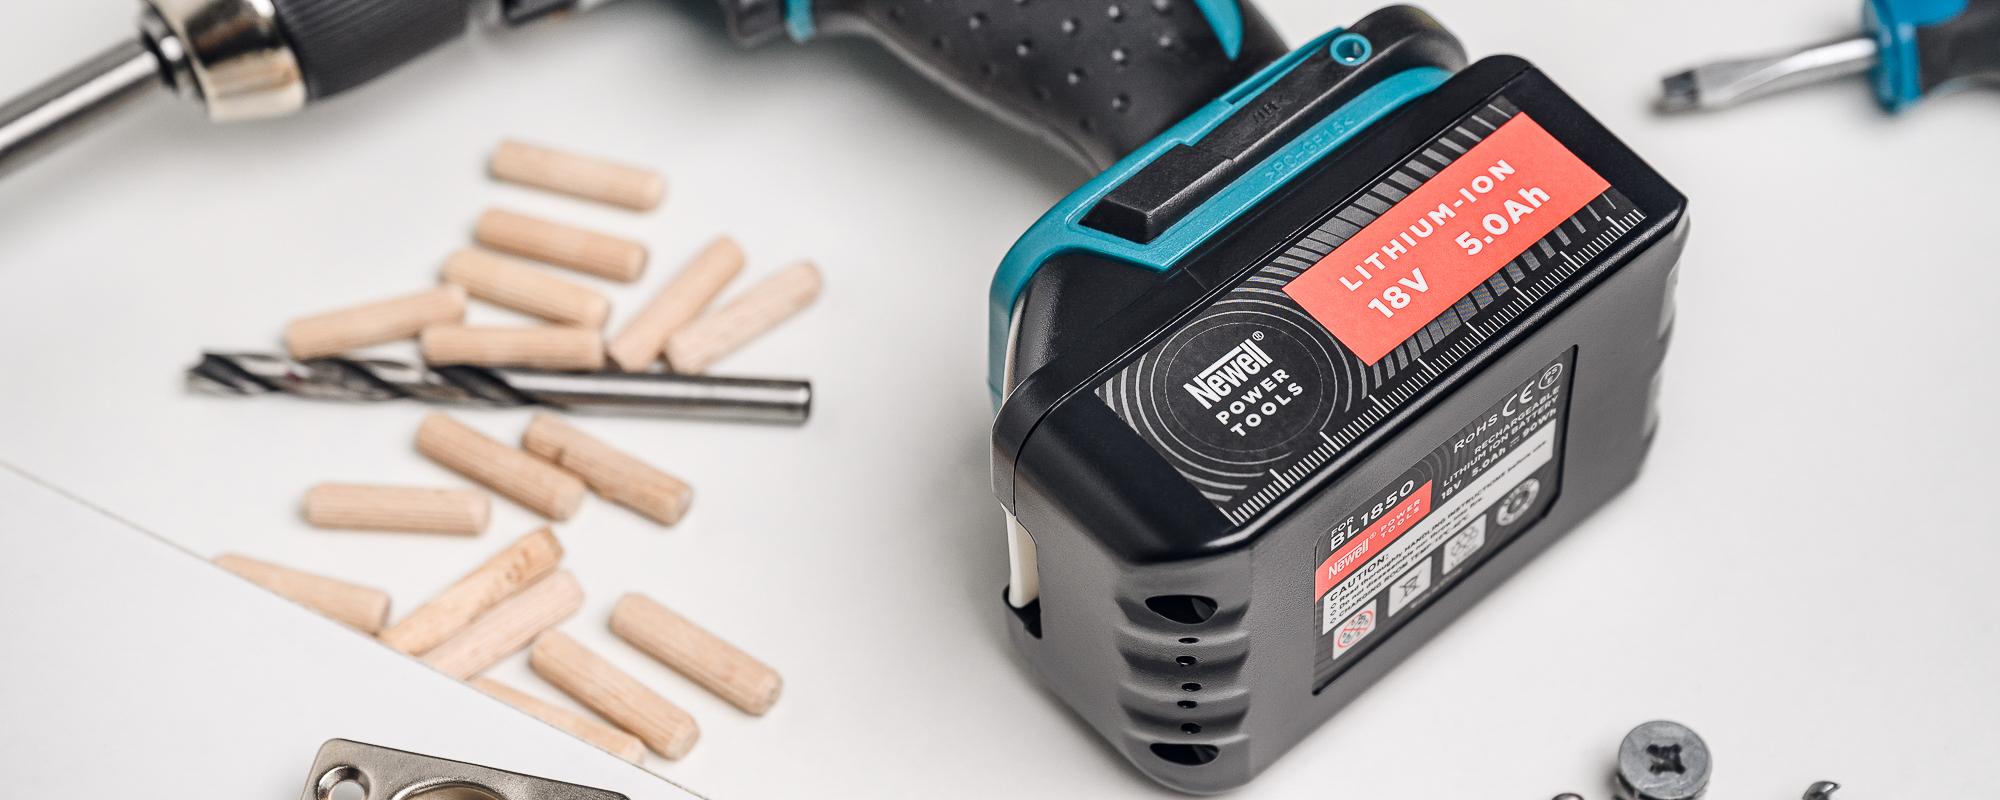 Akumulator BL1850 na stole